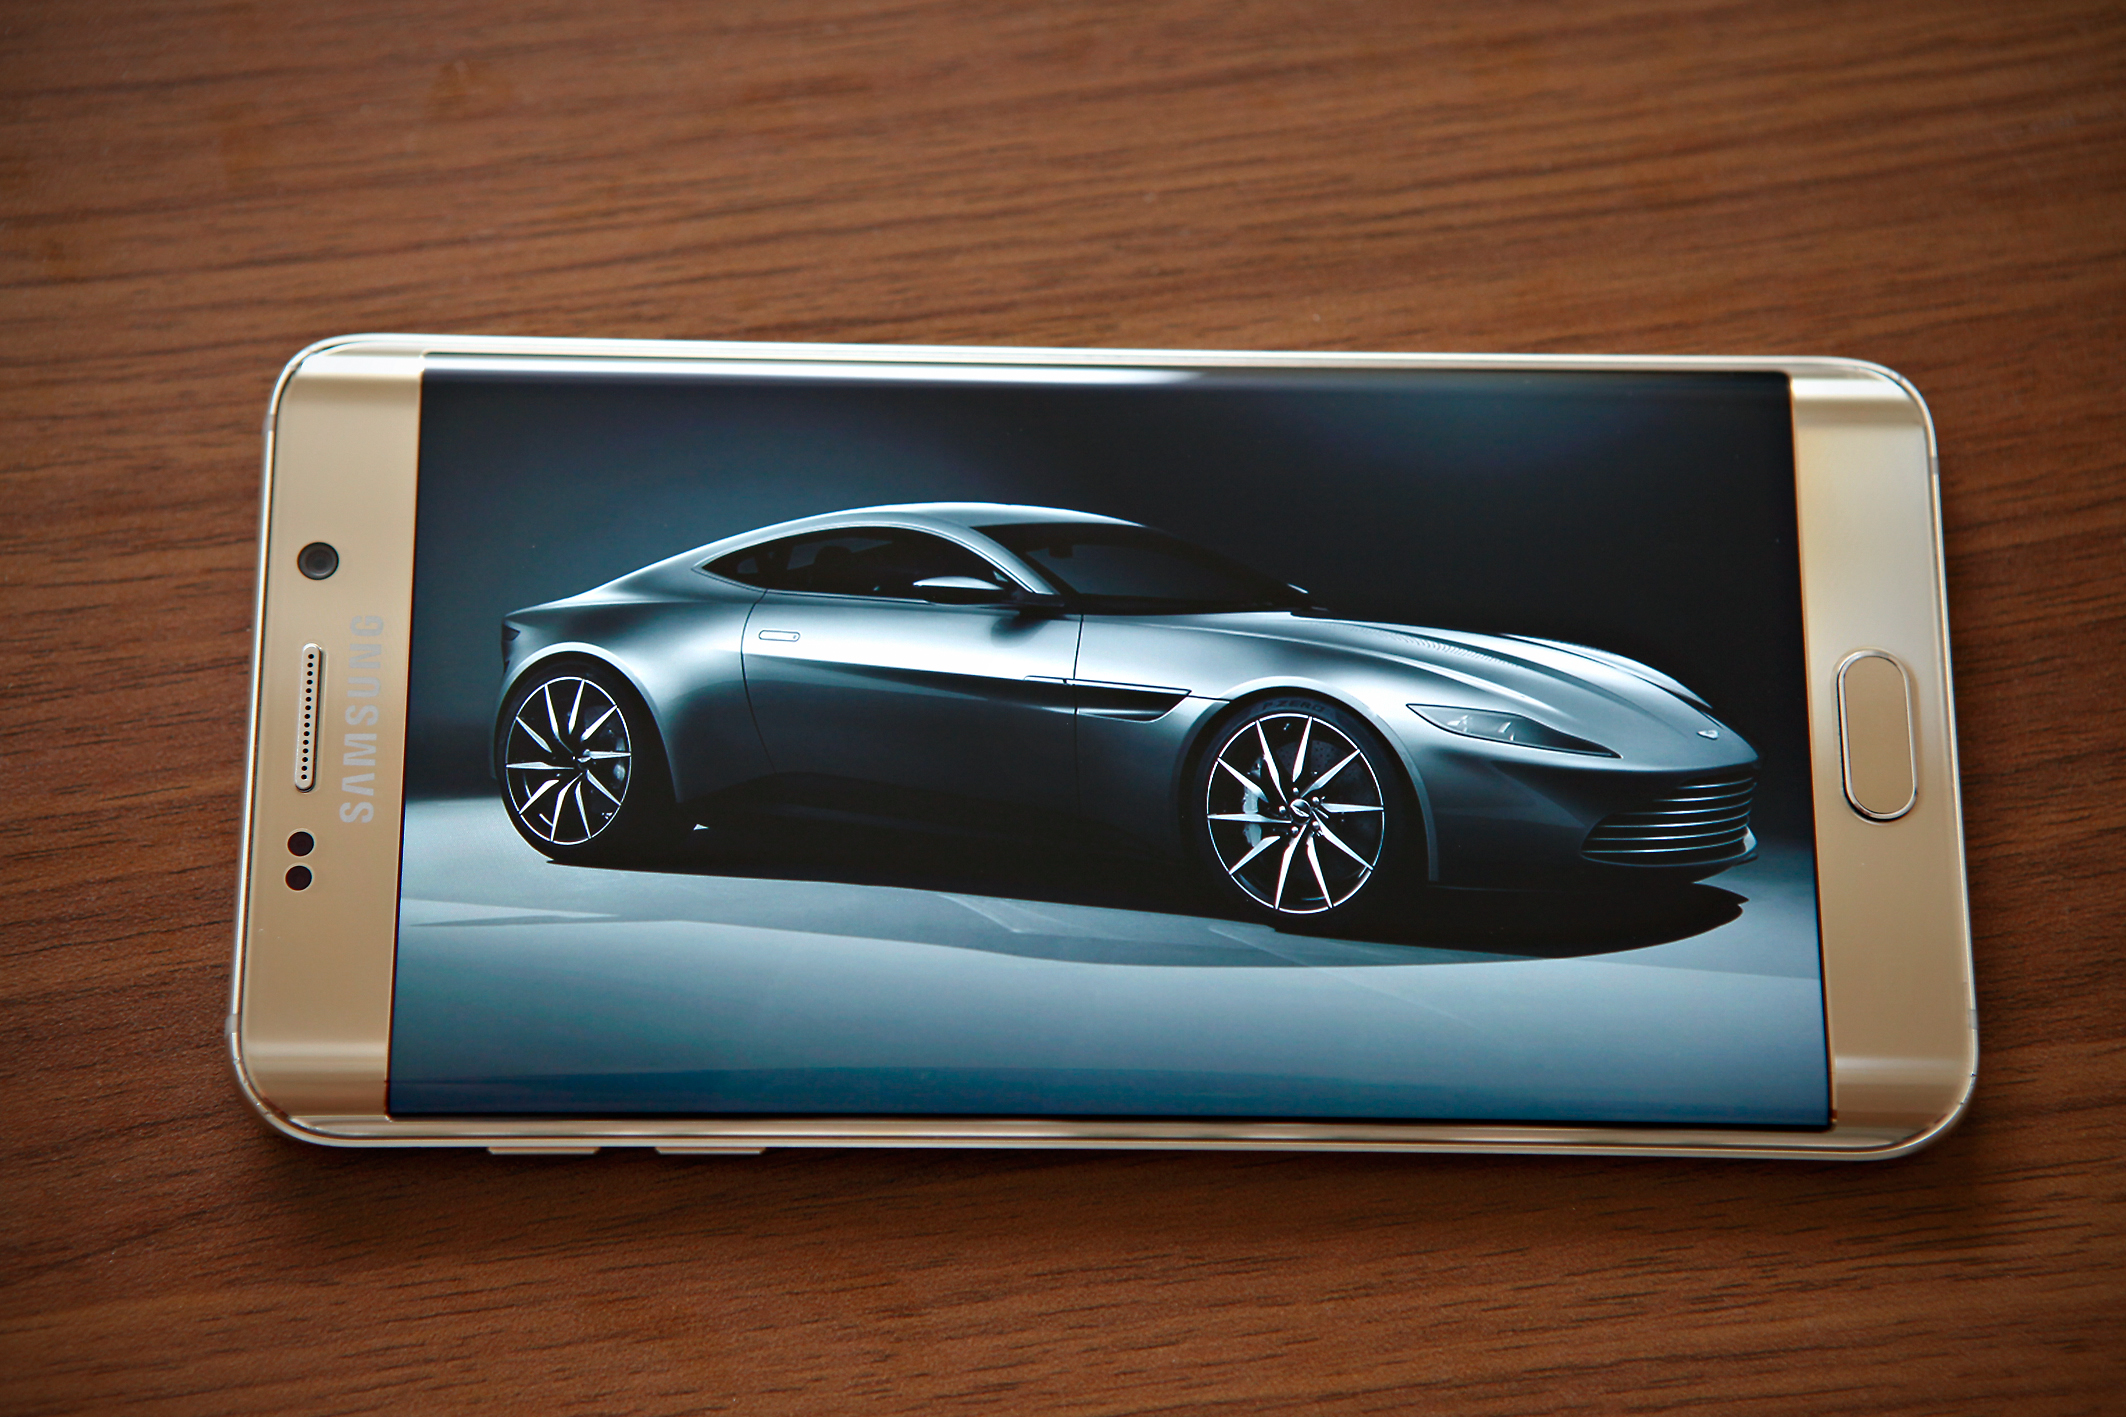 Diện mạo Galaxy S6 Edge Plus và Note 5 đẹp tuyệt đối